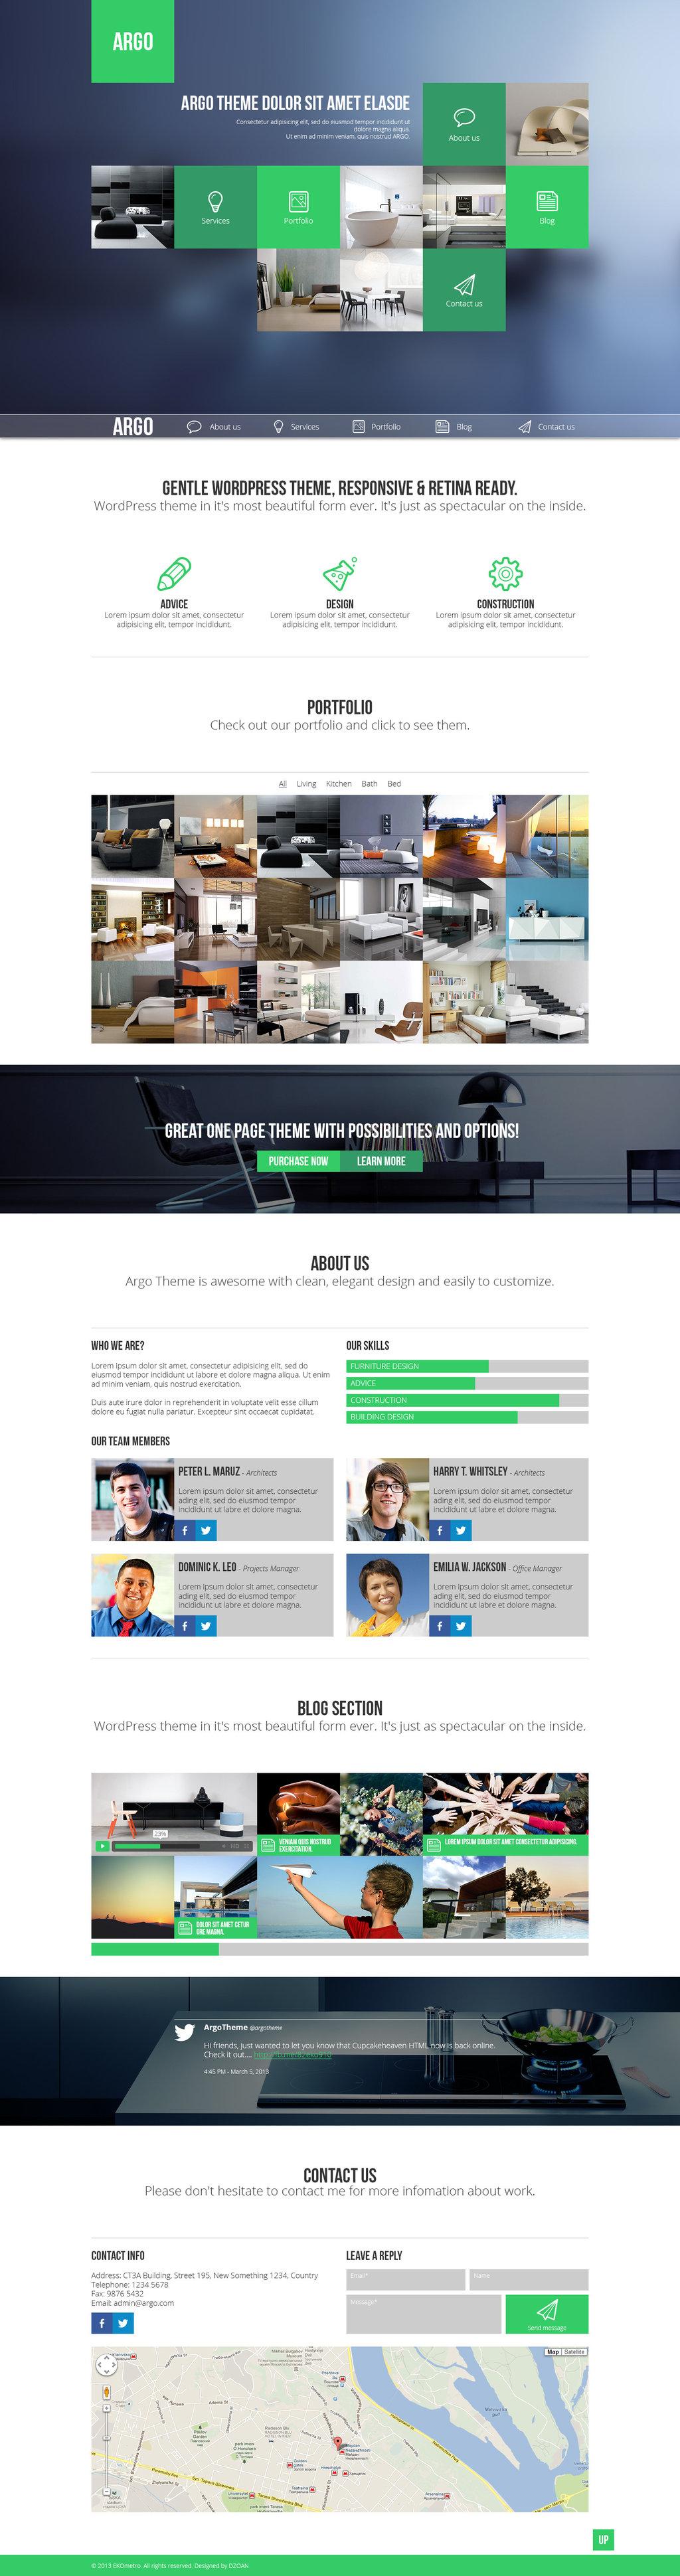 Argo One Page Portfolio Psd Template Web Design Web Design Inspiration Web Development Design